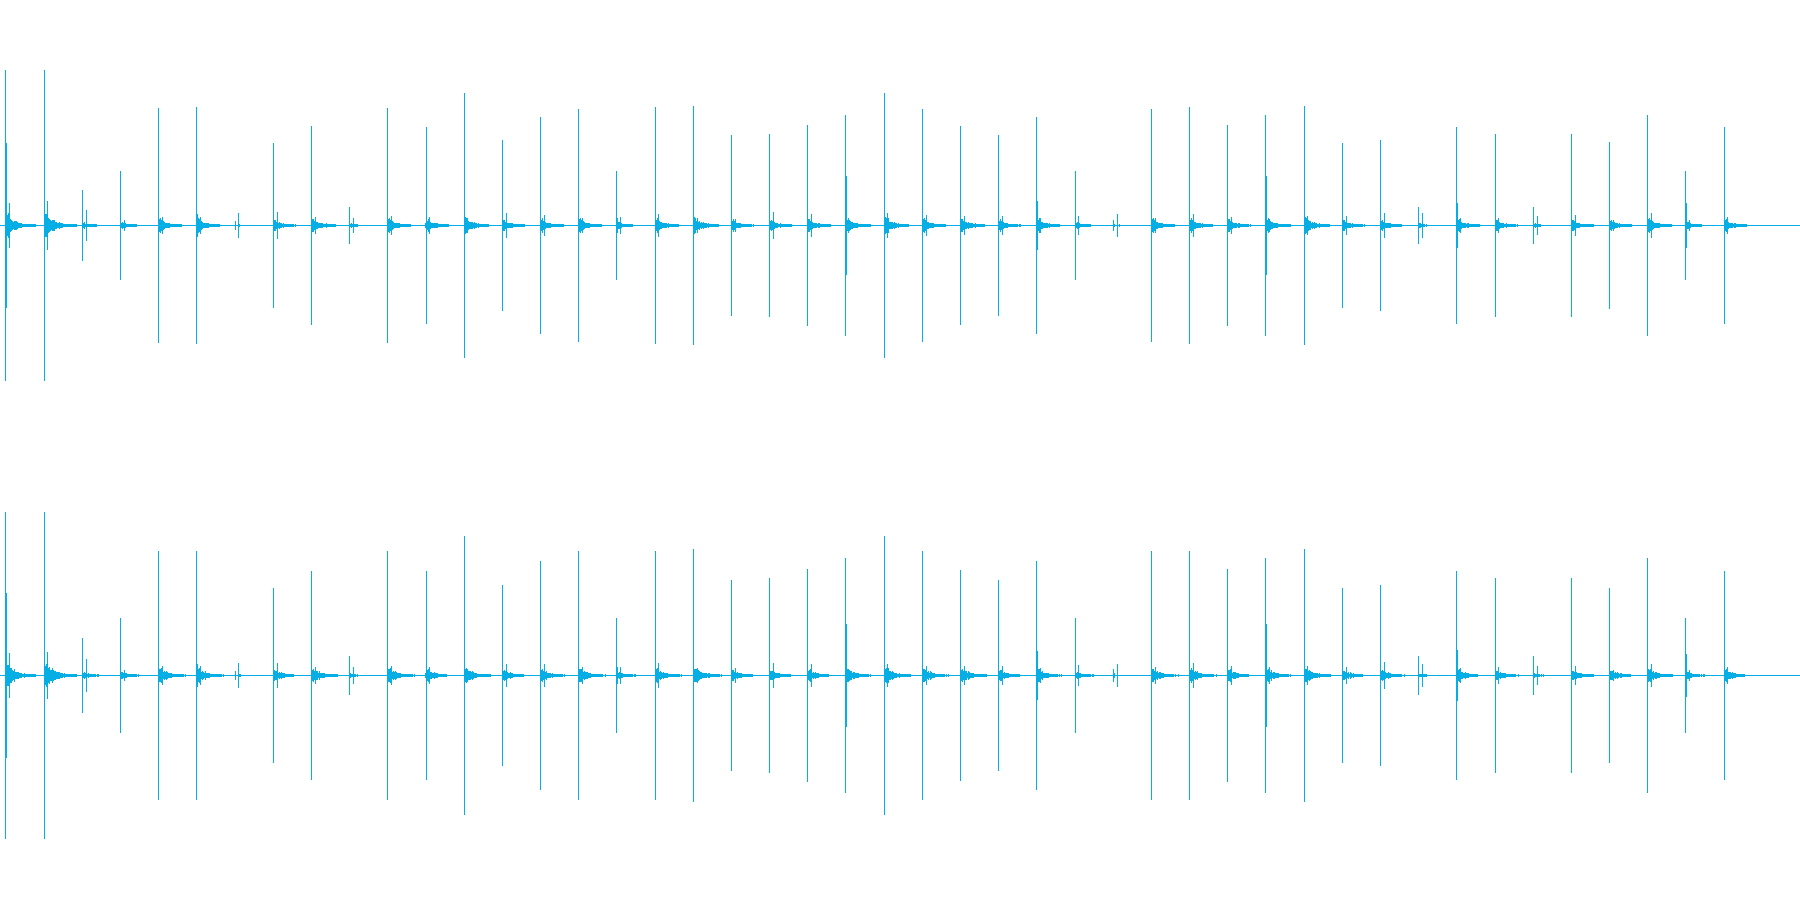 反響音のある、ハイヒールで恐る恐る歩く音の再生済みの波形